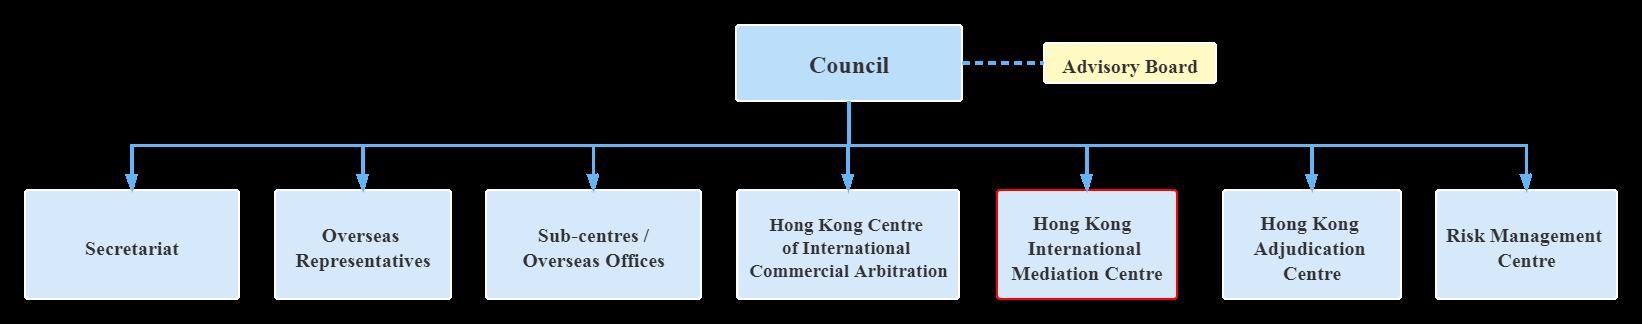 HKIMC Organization Chart